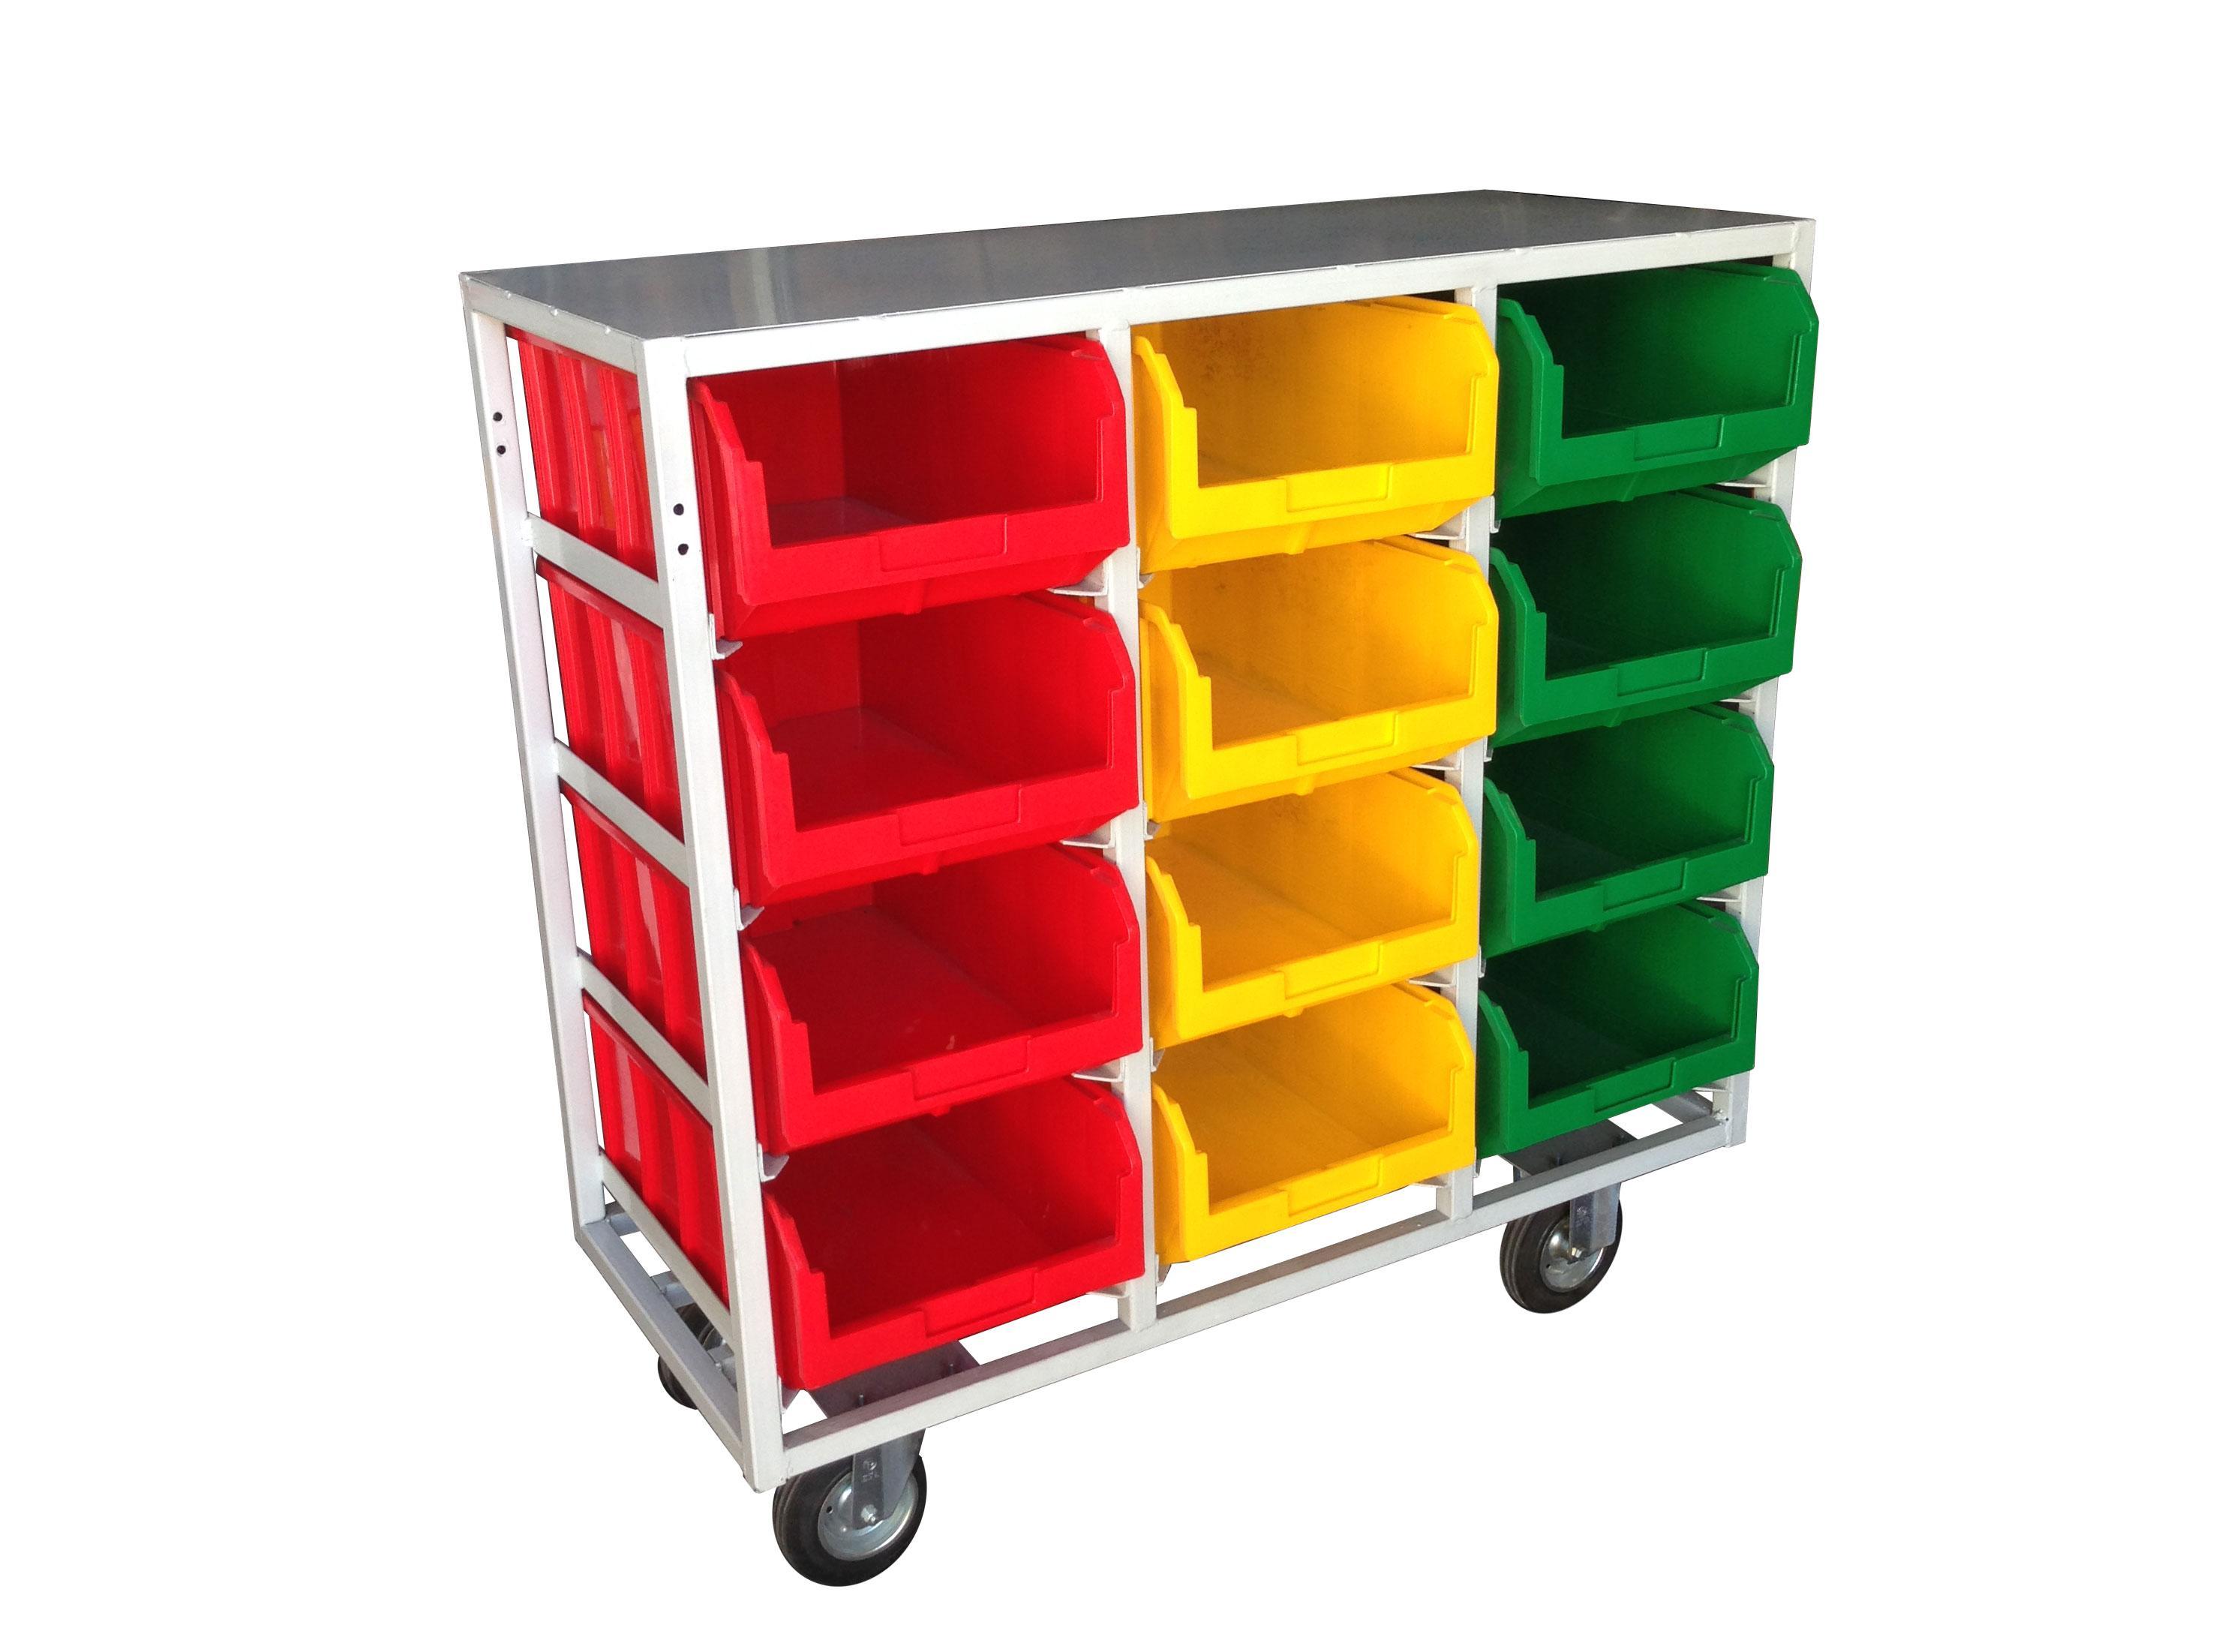 Стеллаж СТЕЛЛА V4-12ячеек (200К) синий/ зеленый/ желтый/ красный тележка стелла кп 2 200 и